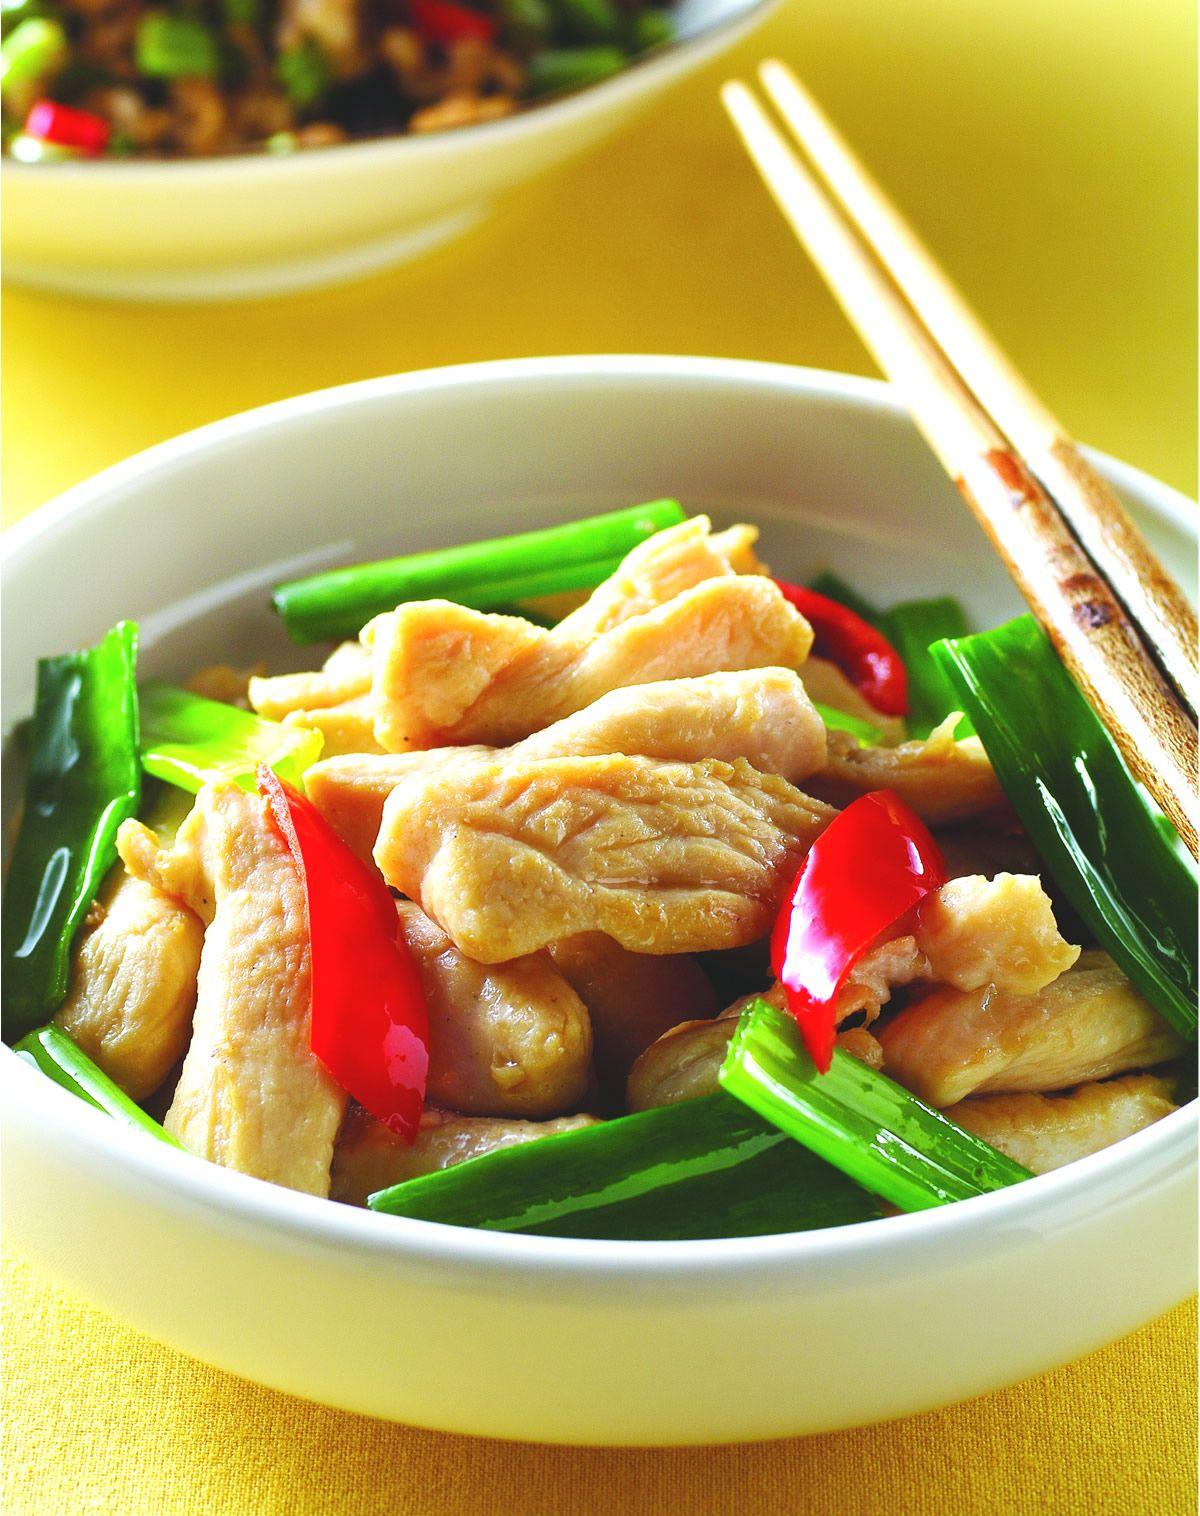 食譜:蔥尾炒雞柳